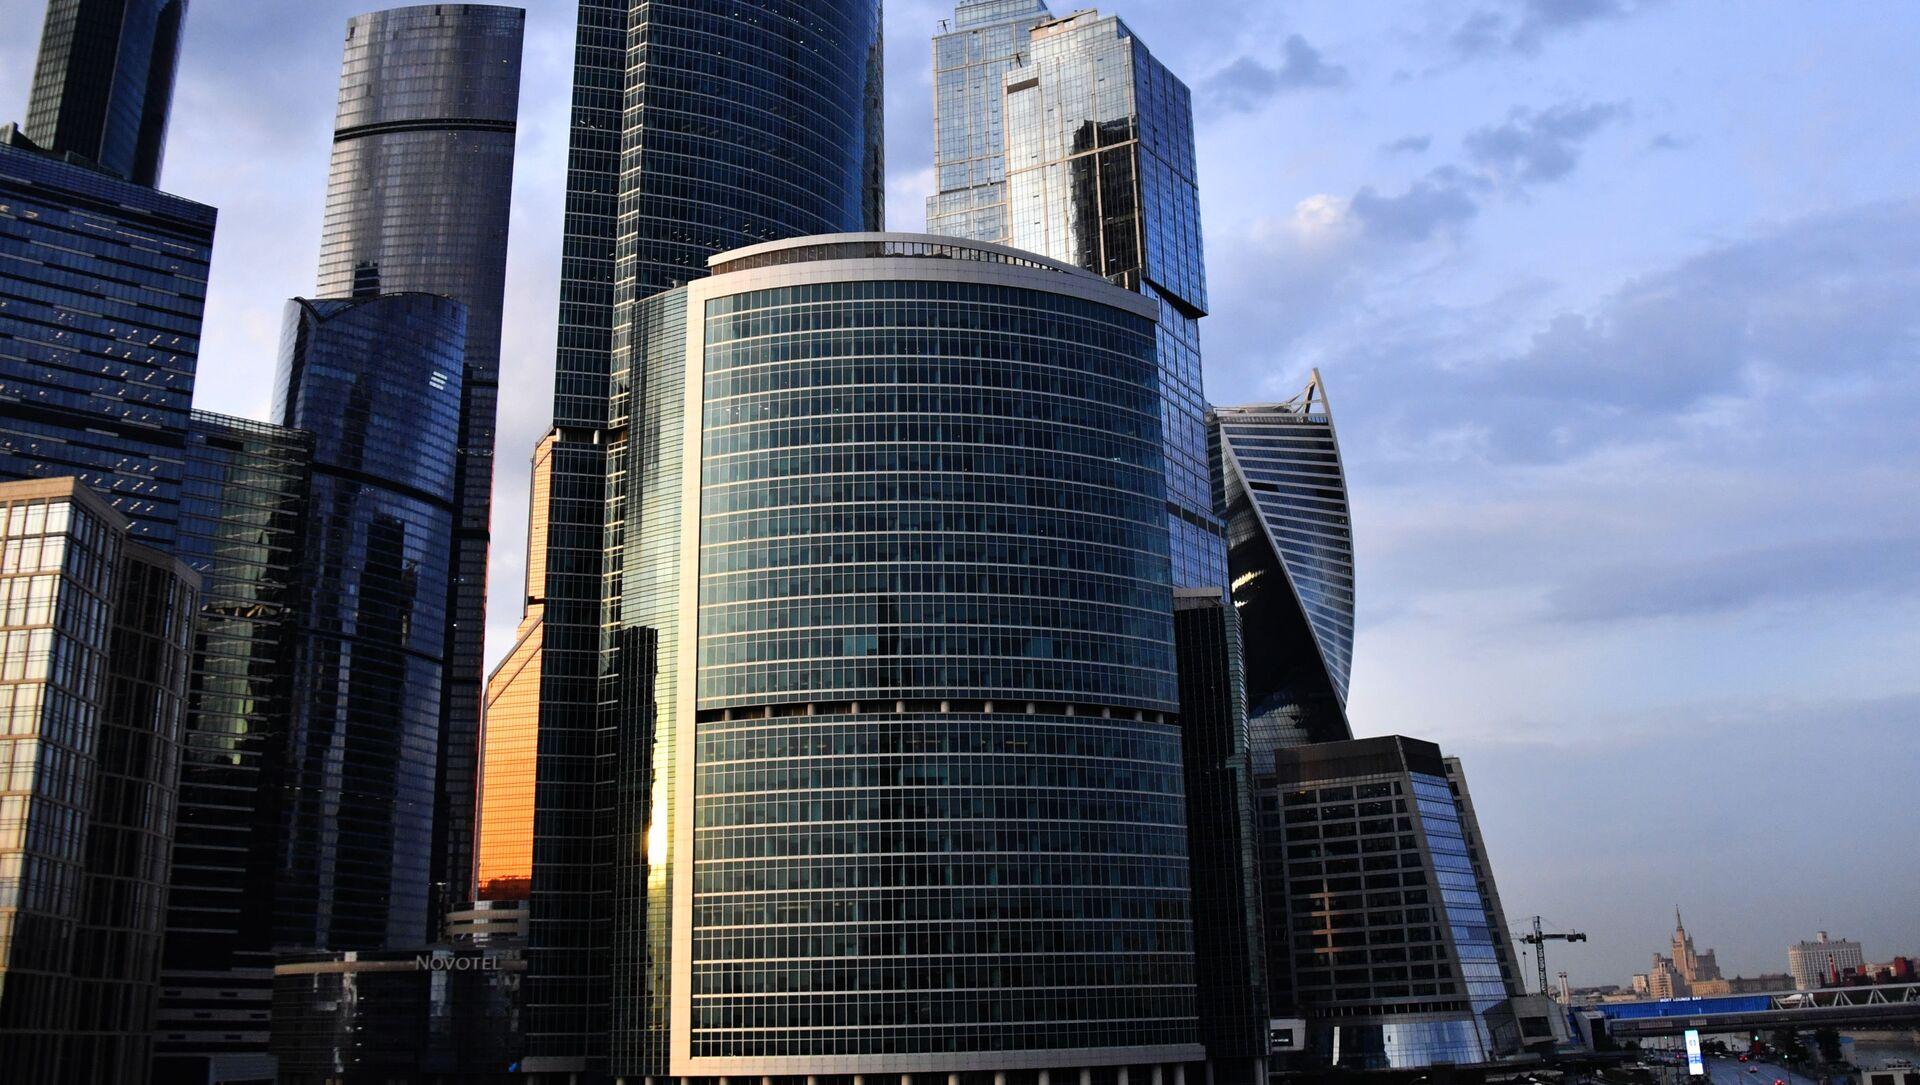 Los rascacielos de Moscú - Sputnik Mundo, 1920, 08.09.2020